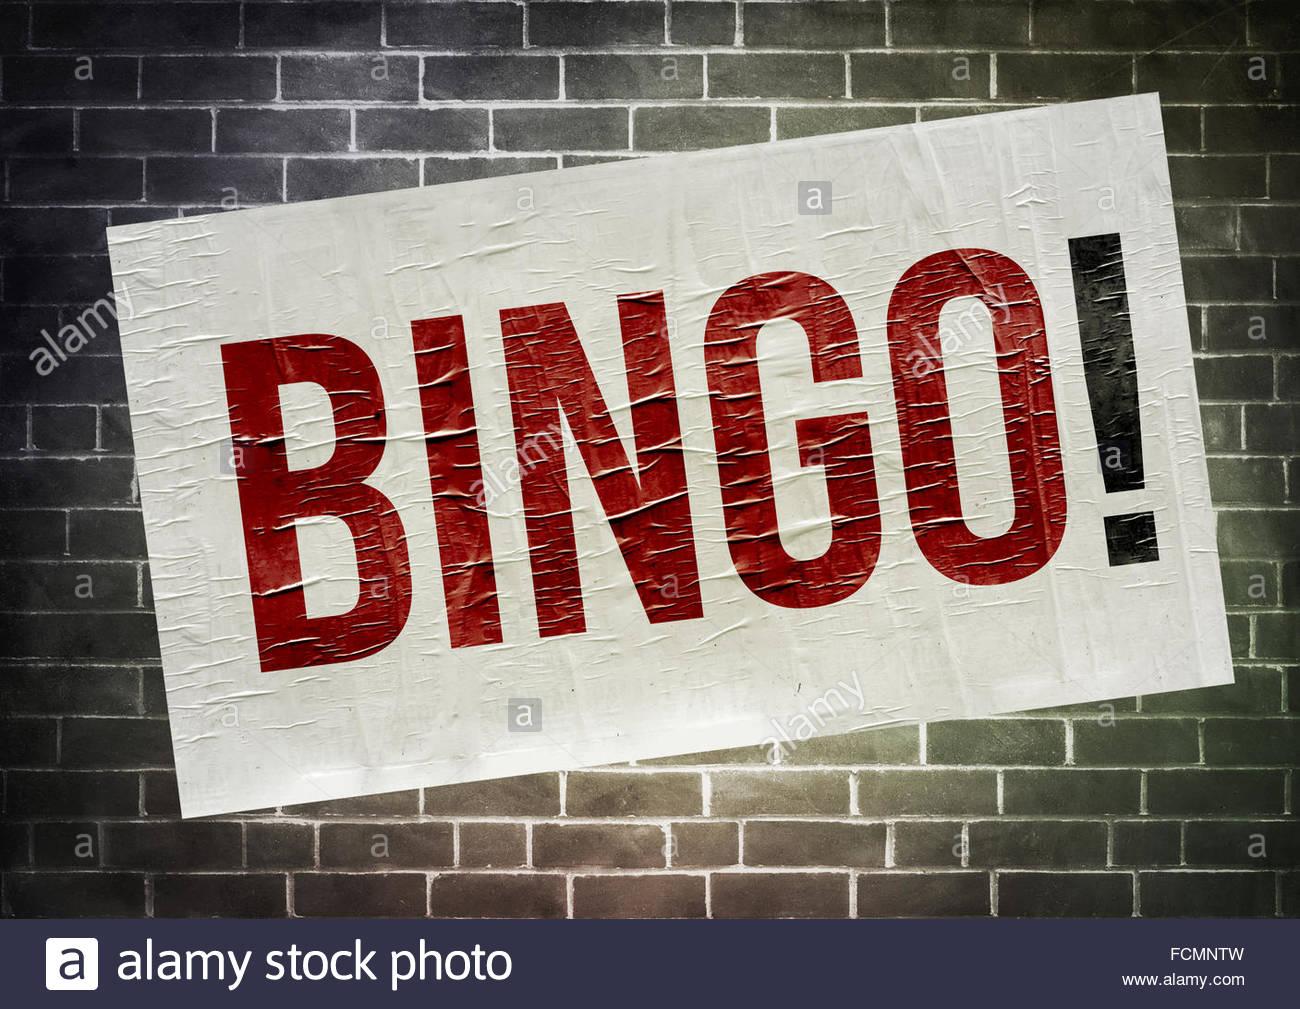 Bingo - Stock Image